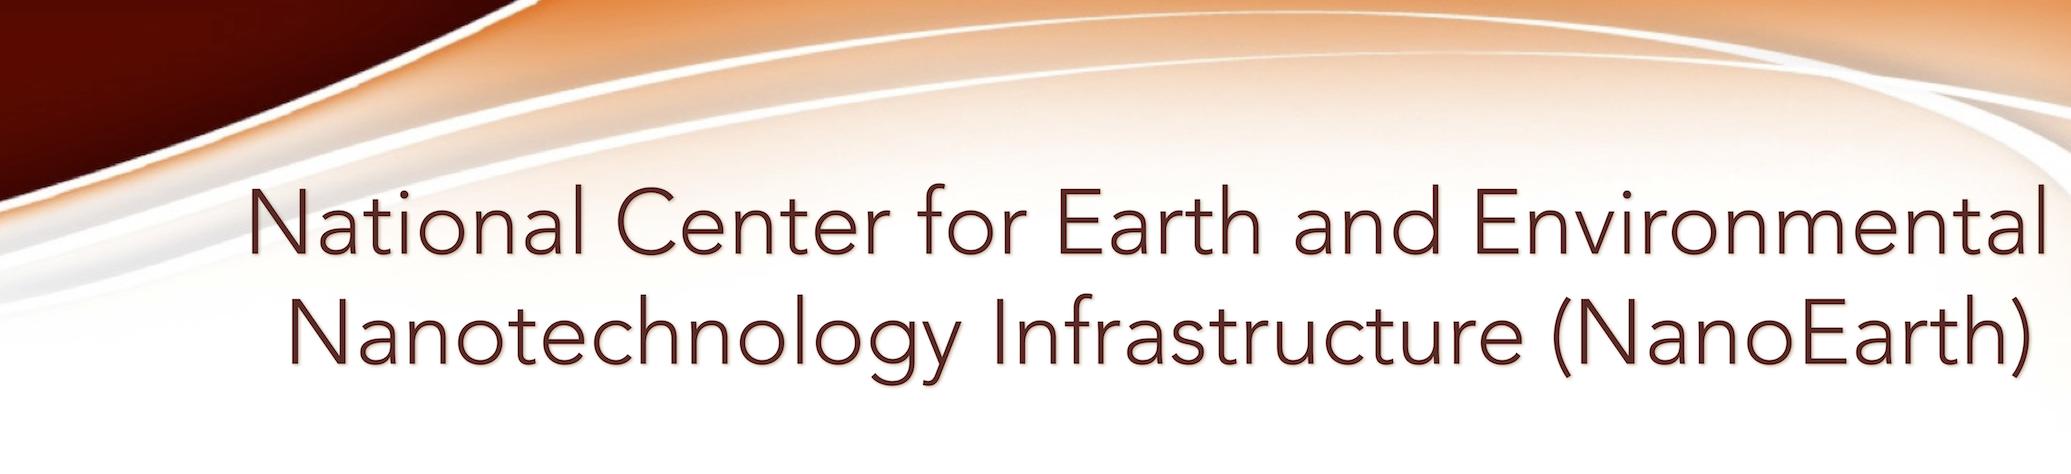 NanoEarth Banner Logo